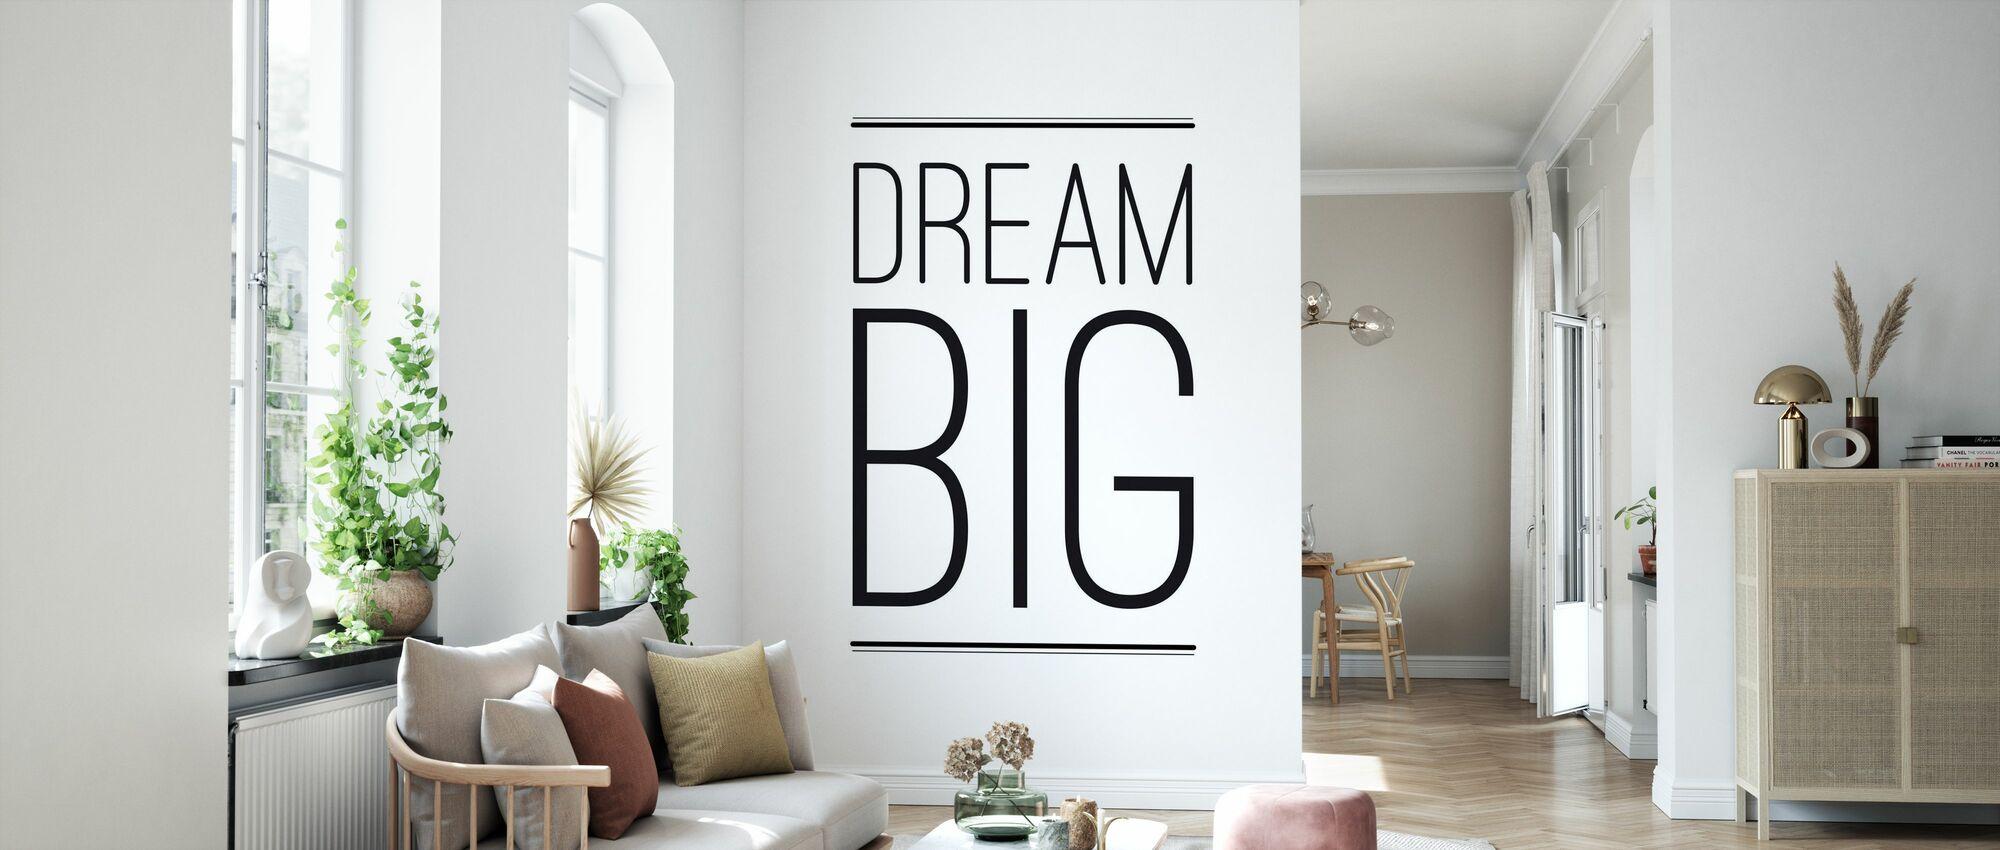 Drøm Big - Tapet - Stue